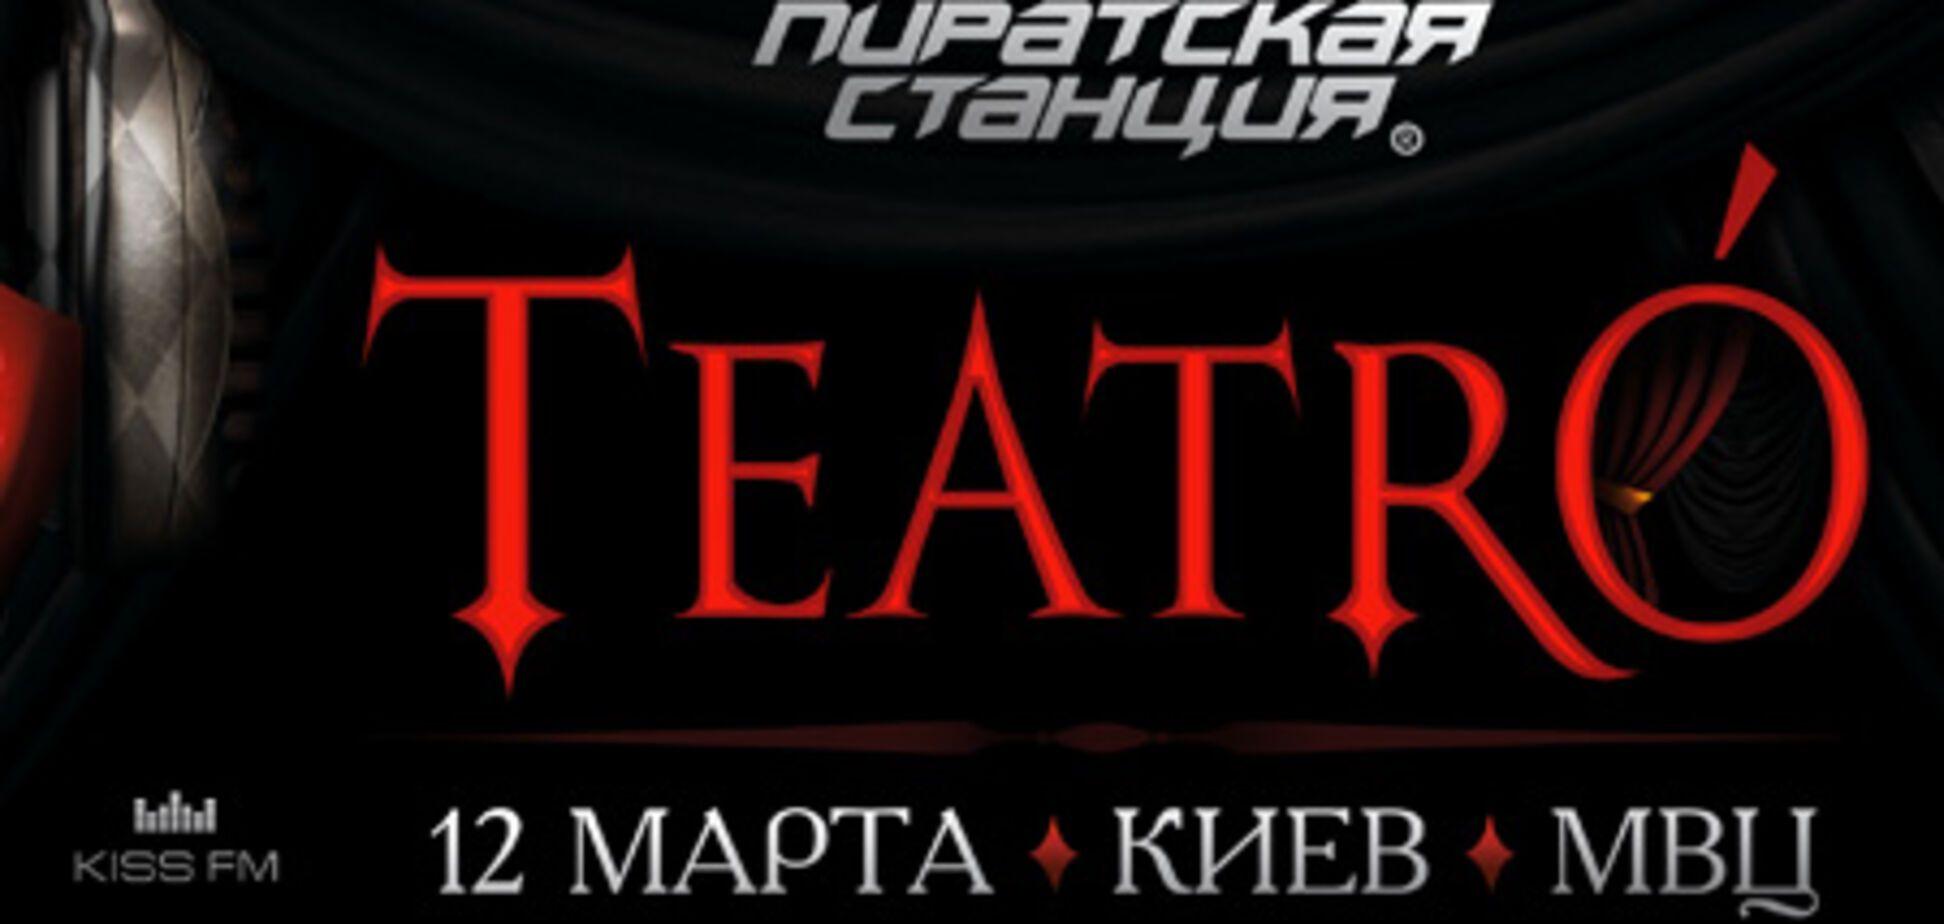 У Києві відбудеться одна з кращих танцювальних подій світу